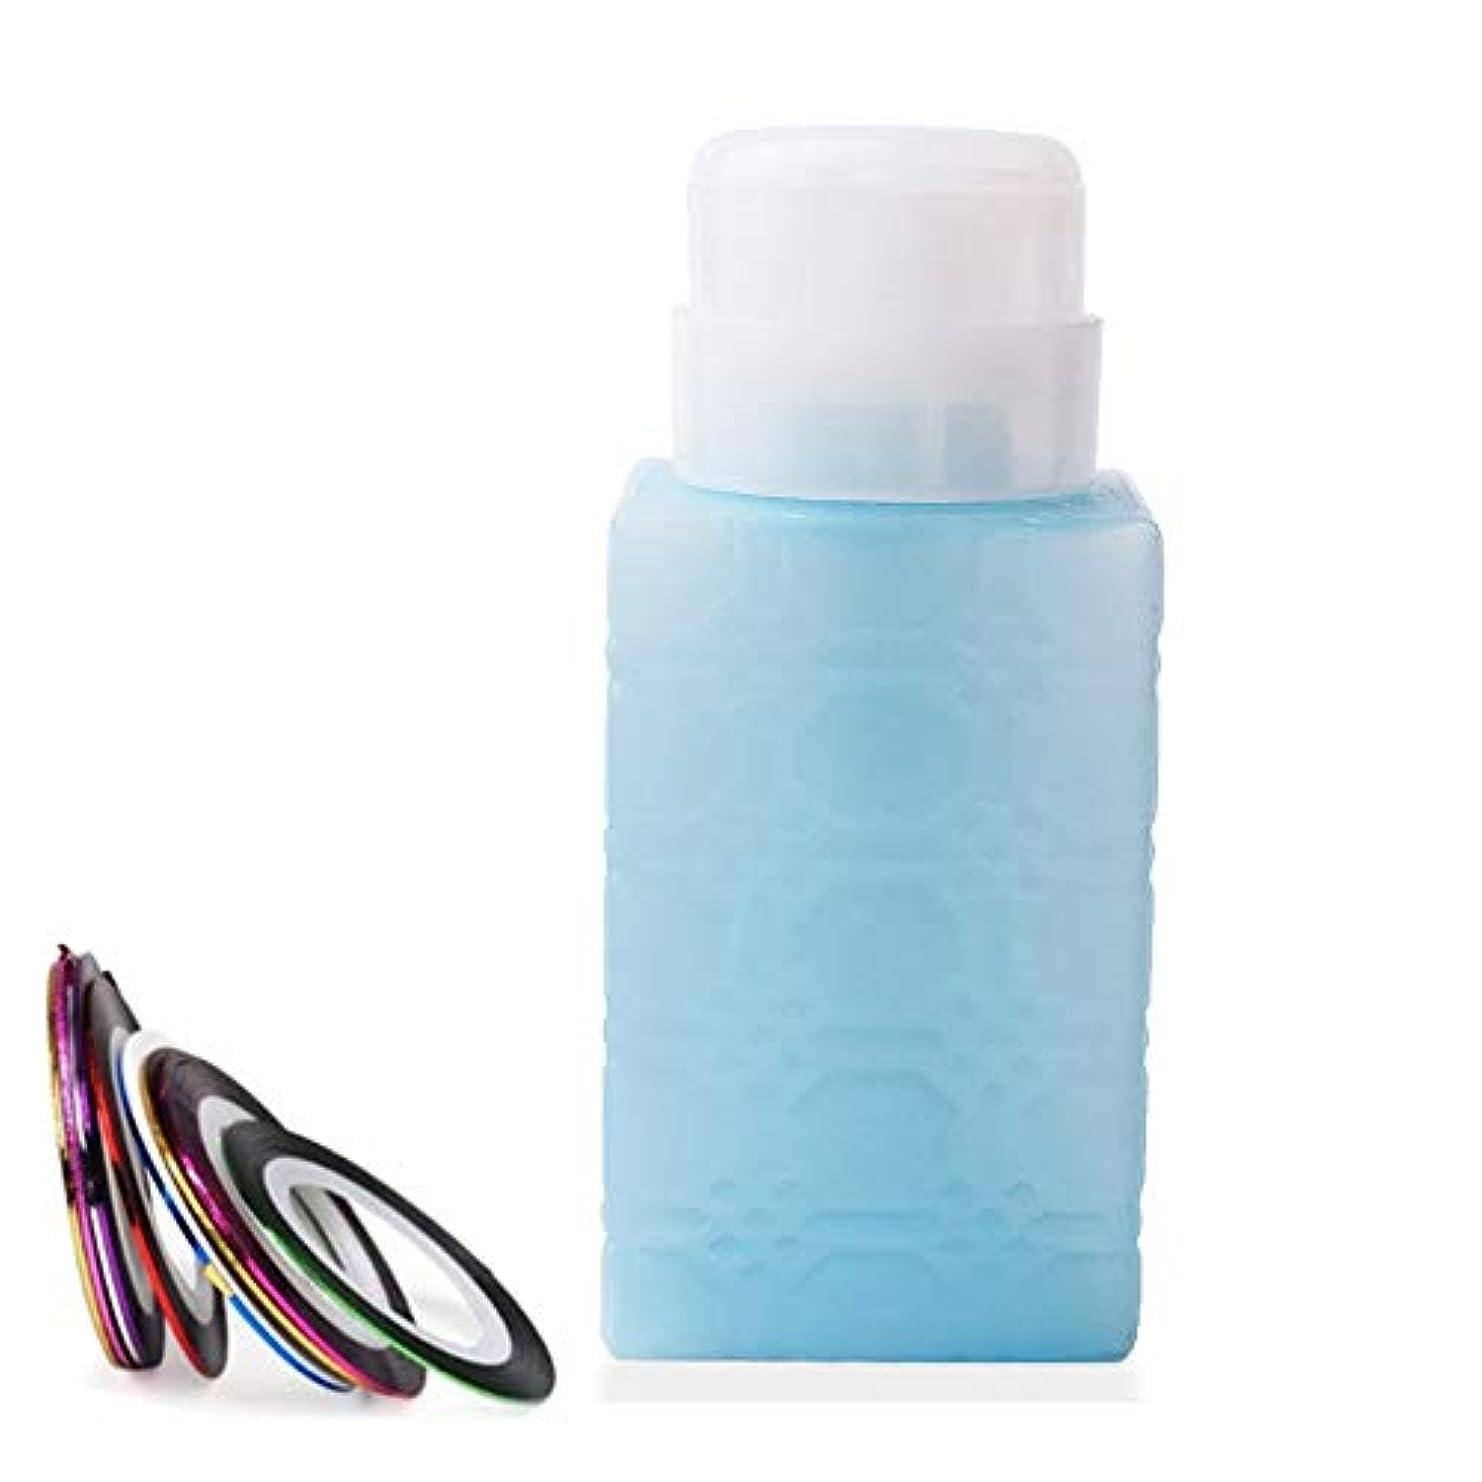 ブラインドヘクタール病弱空ポンプボトル ポンプディスペンサー ネイルワイプ瓶 ジュルクリーナー ジュルリムーバー 可愛い (ブルー)